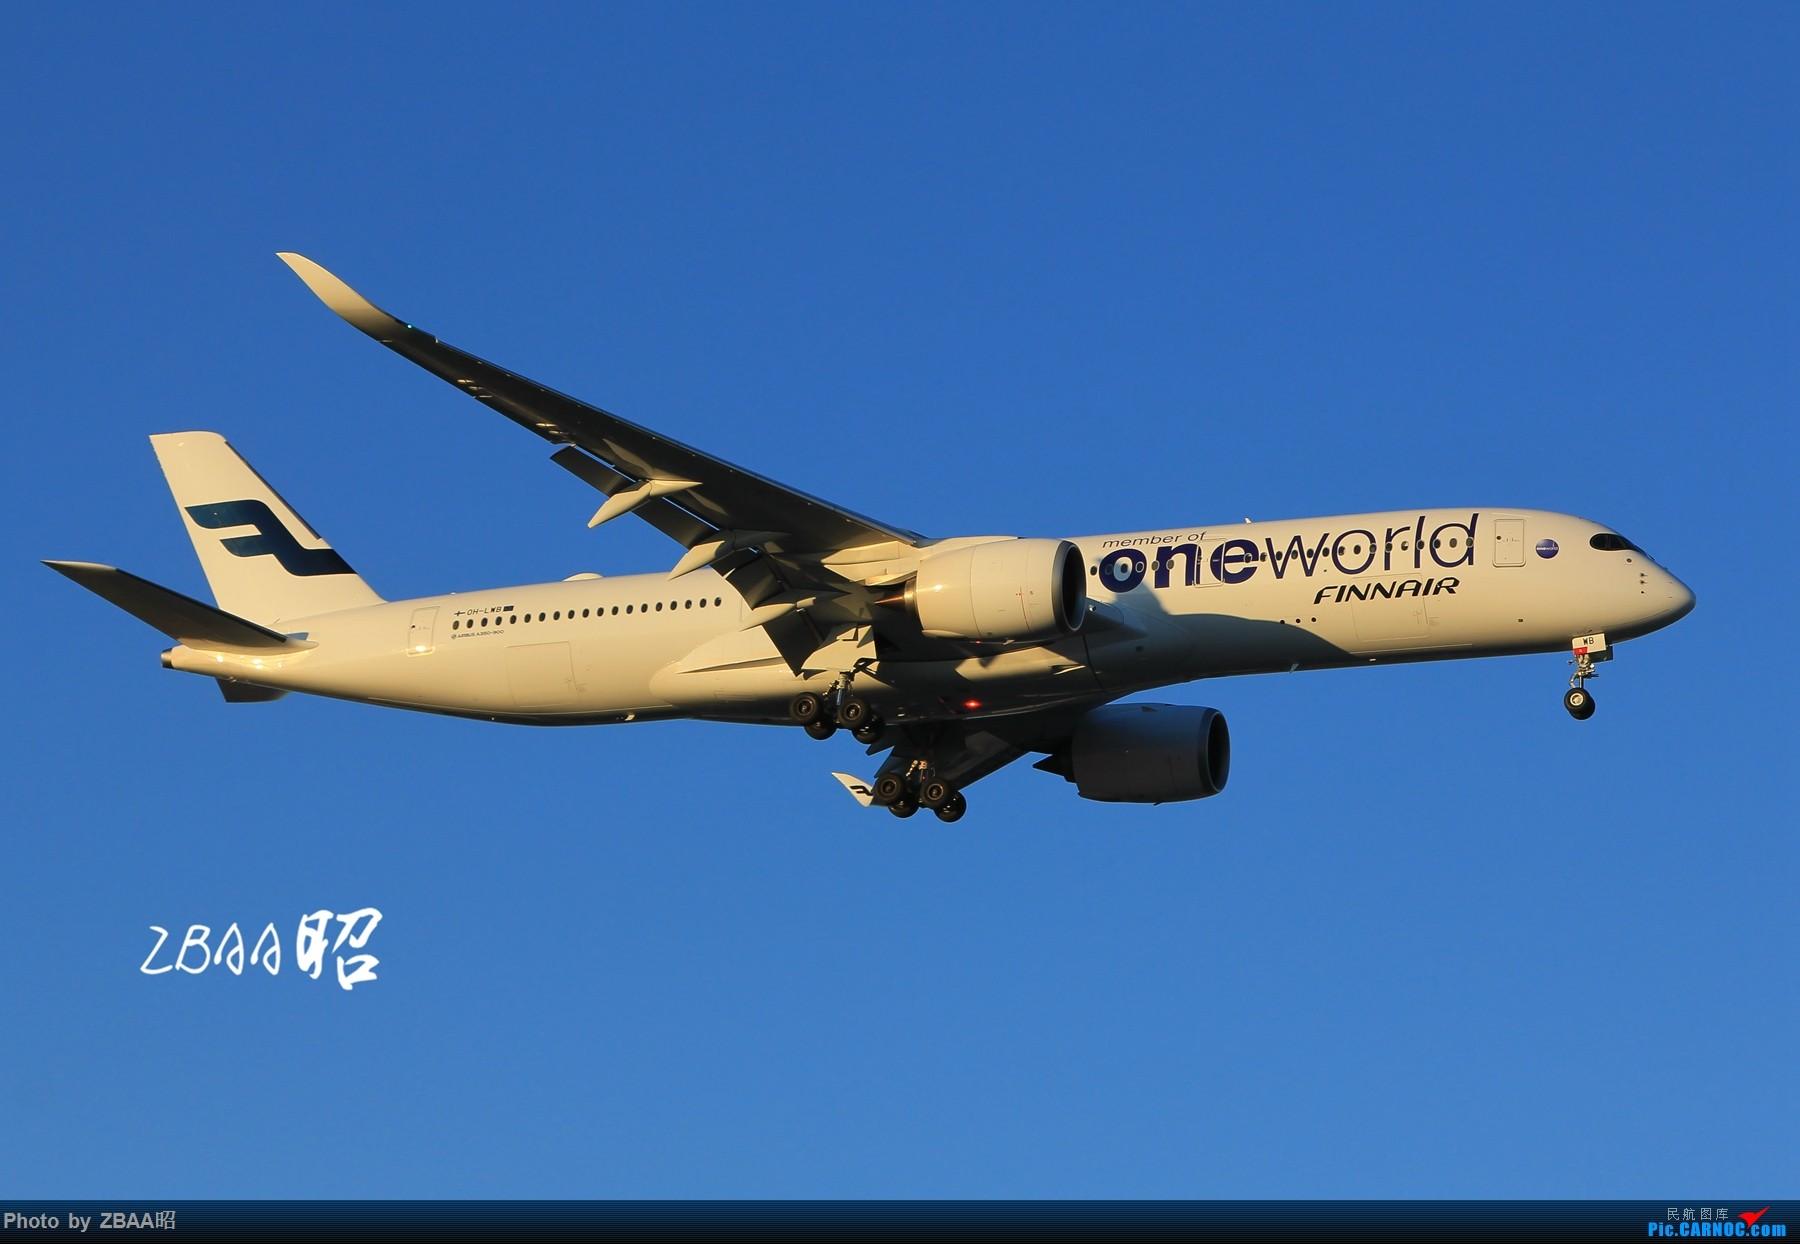 [原创]迟到贴 芬兰航空ow,阿提哈德蓝月亮,接他们来送他们走 AIRBUS A350-900 OH-LWB 中国北京首都国际机场